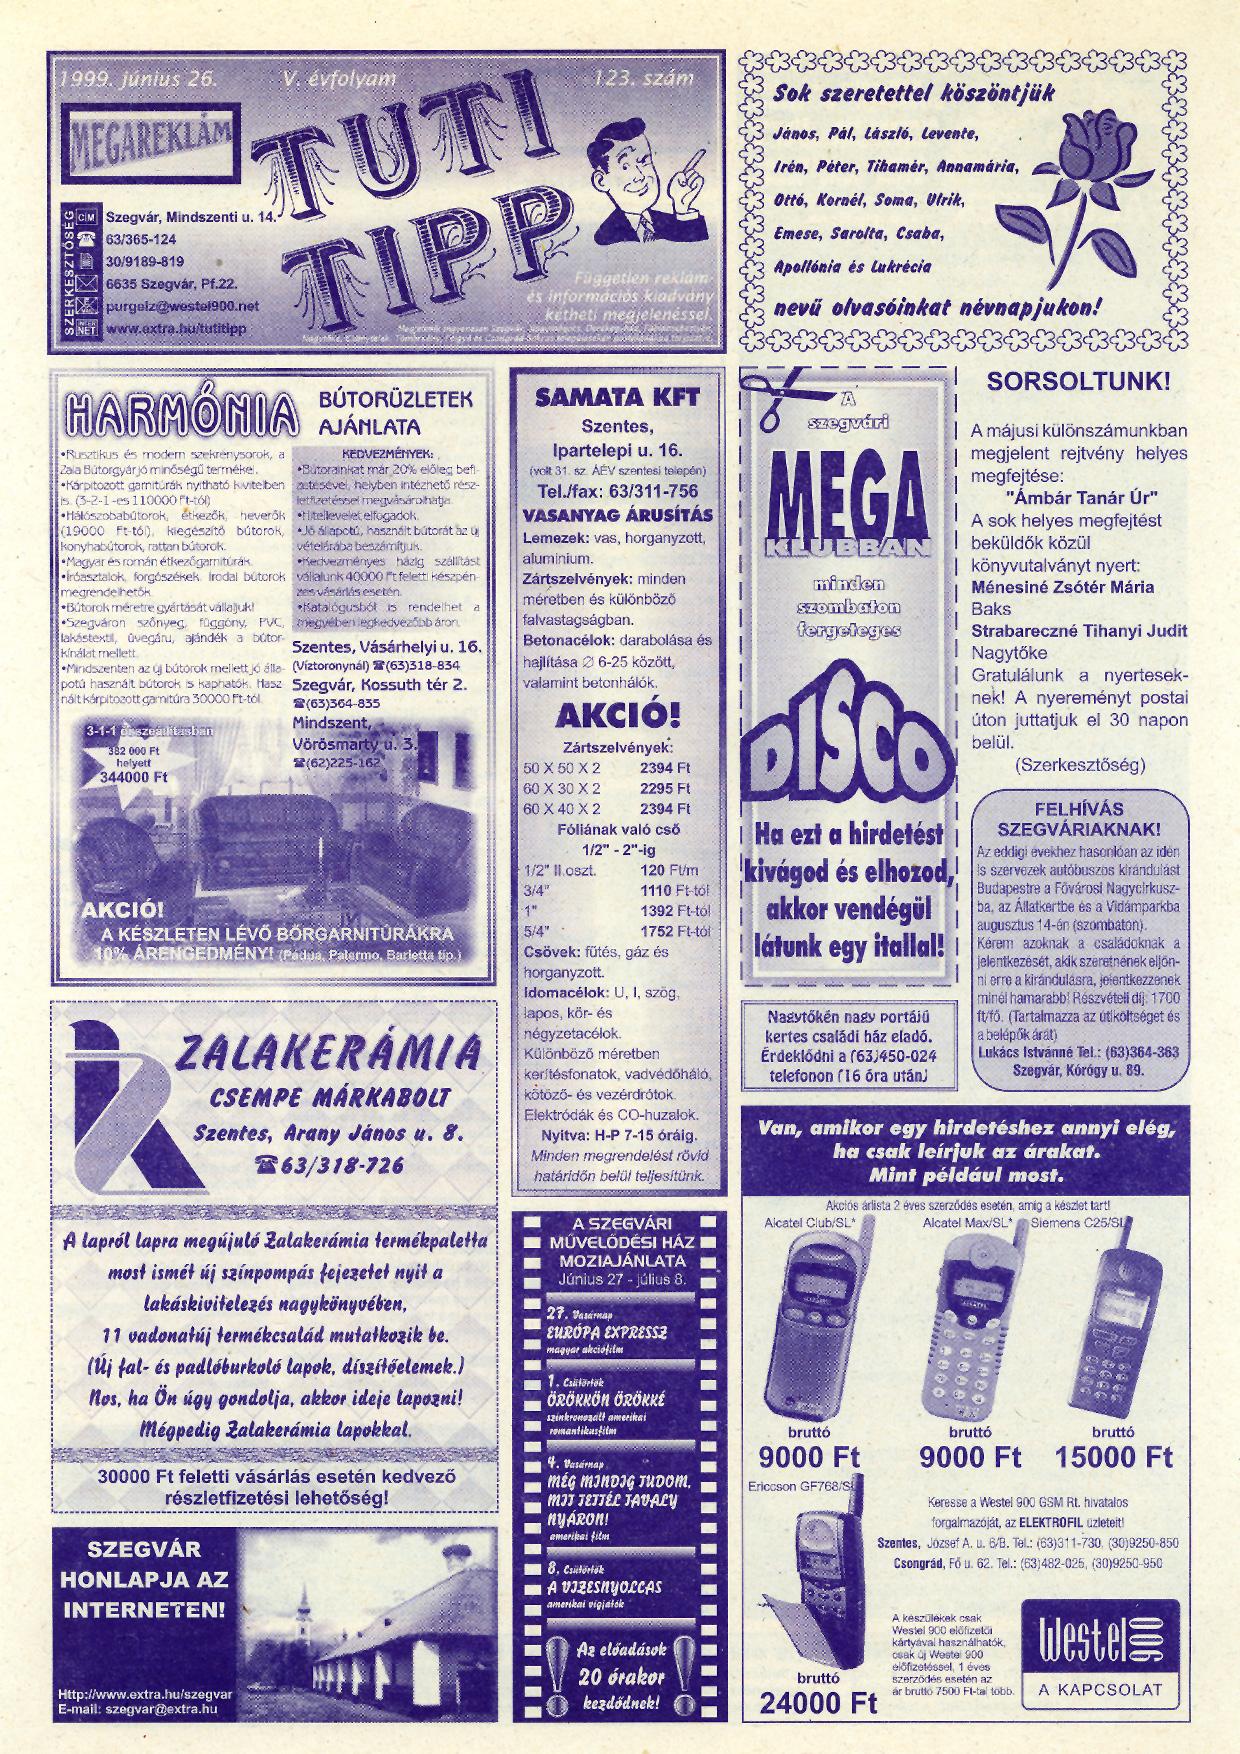 023 Tuti Tipp reklámújság - 19990626-123. lapszám - 1.oldal - V. évfolyam.jpg